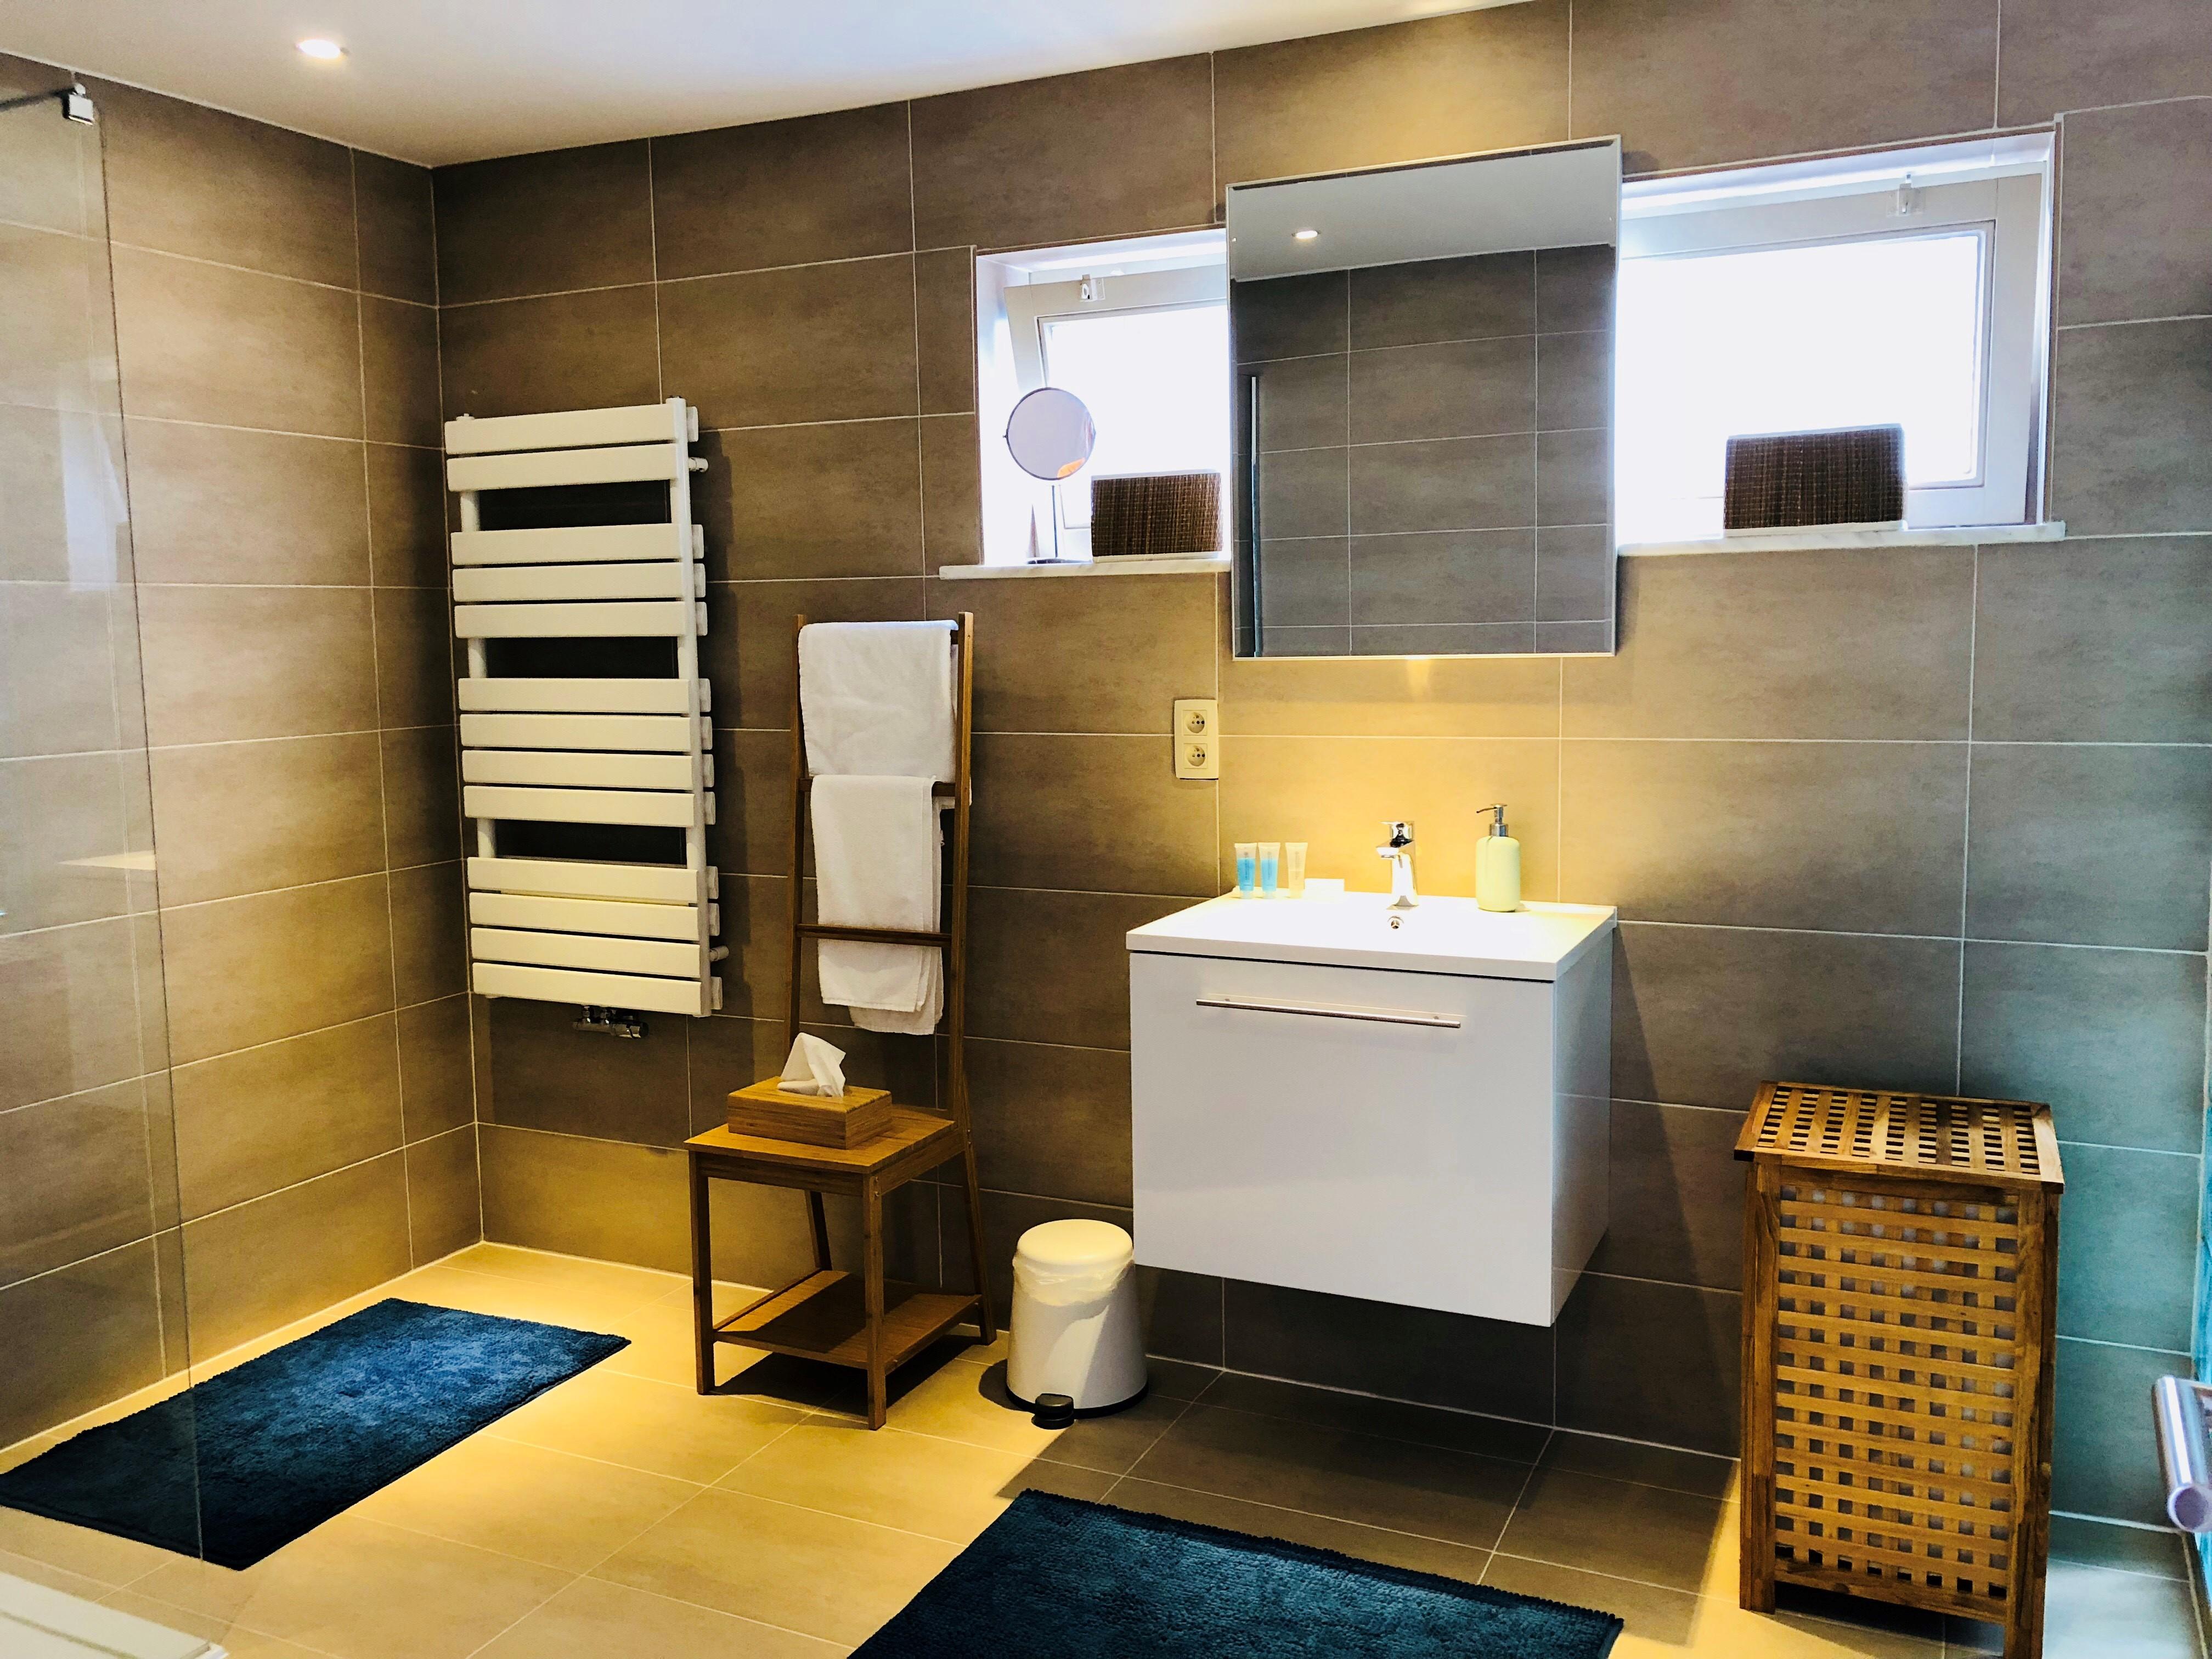 oase badkamer